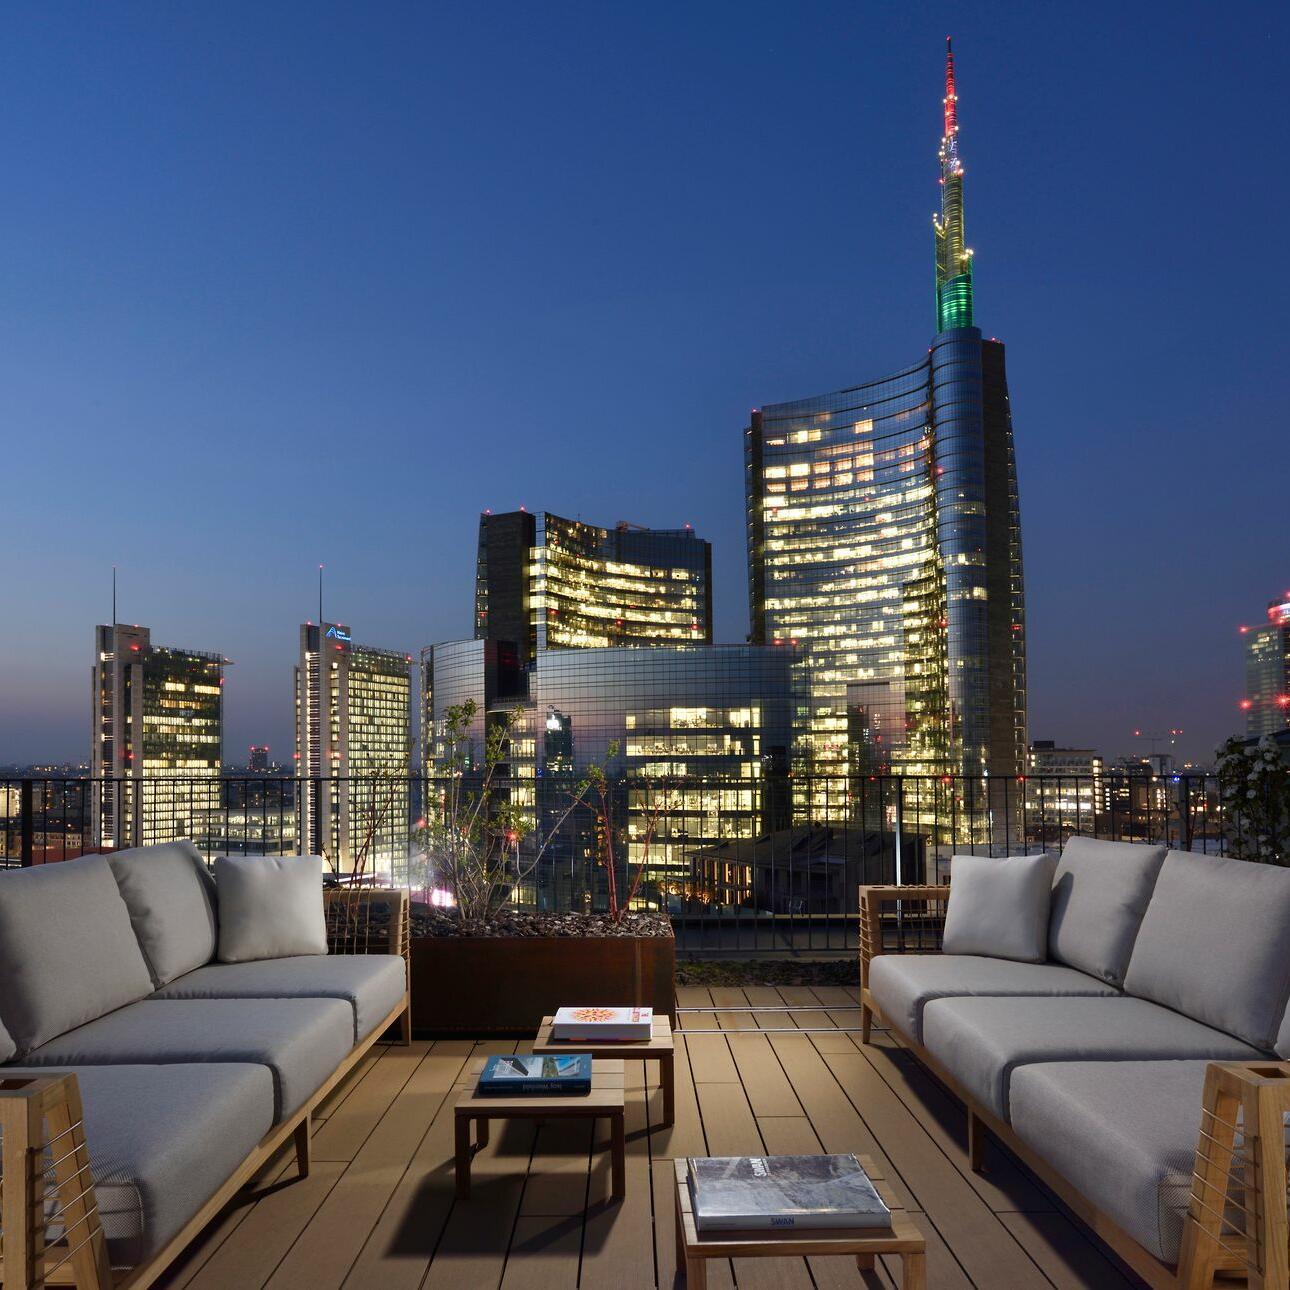 Milano Verticale   Rooftop